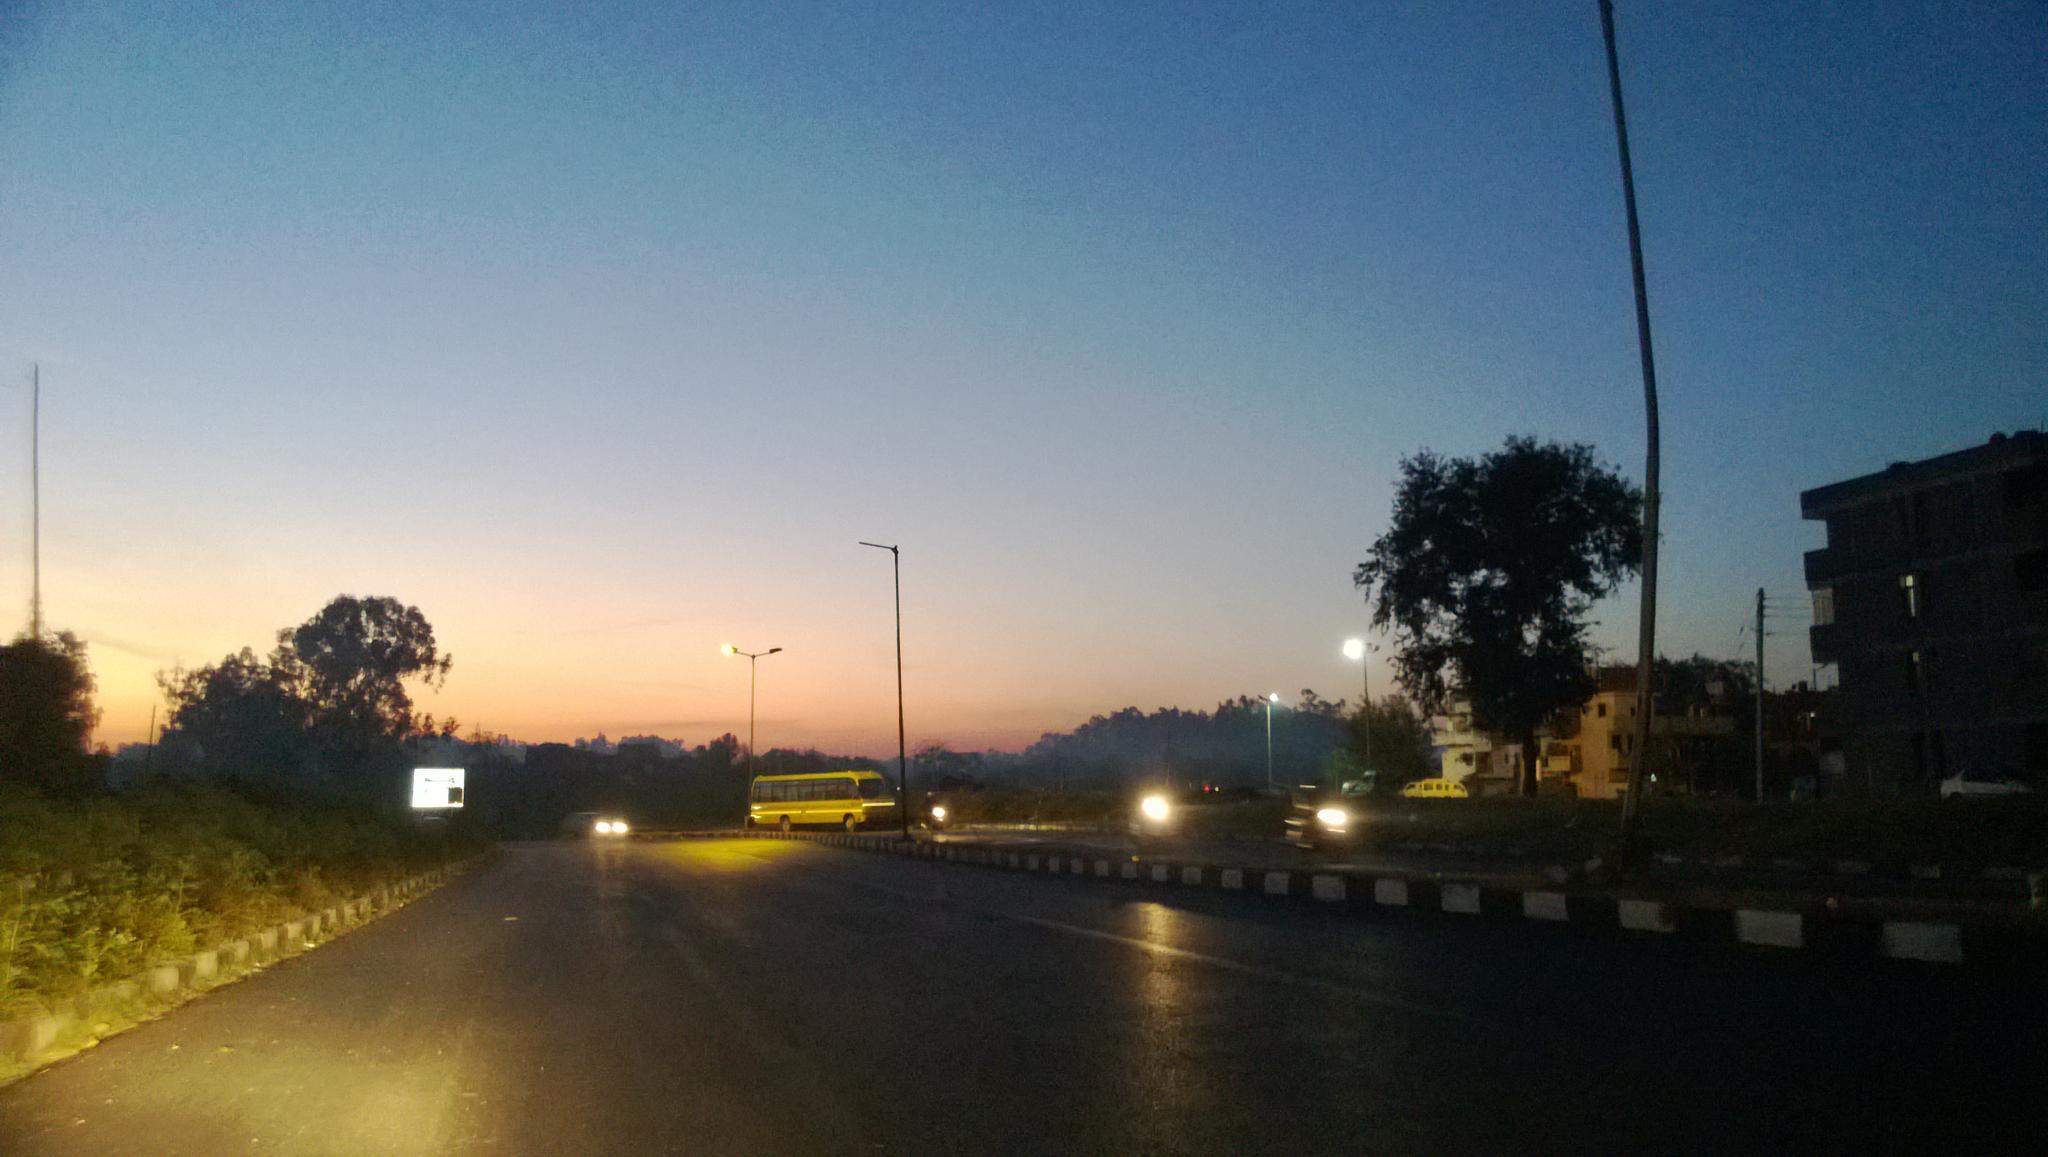 Dawn by Neeraj Sharma